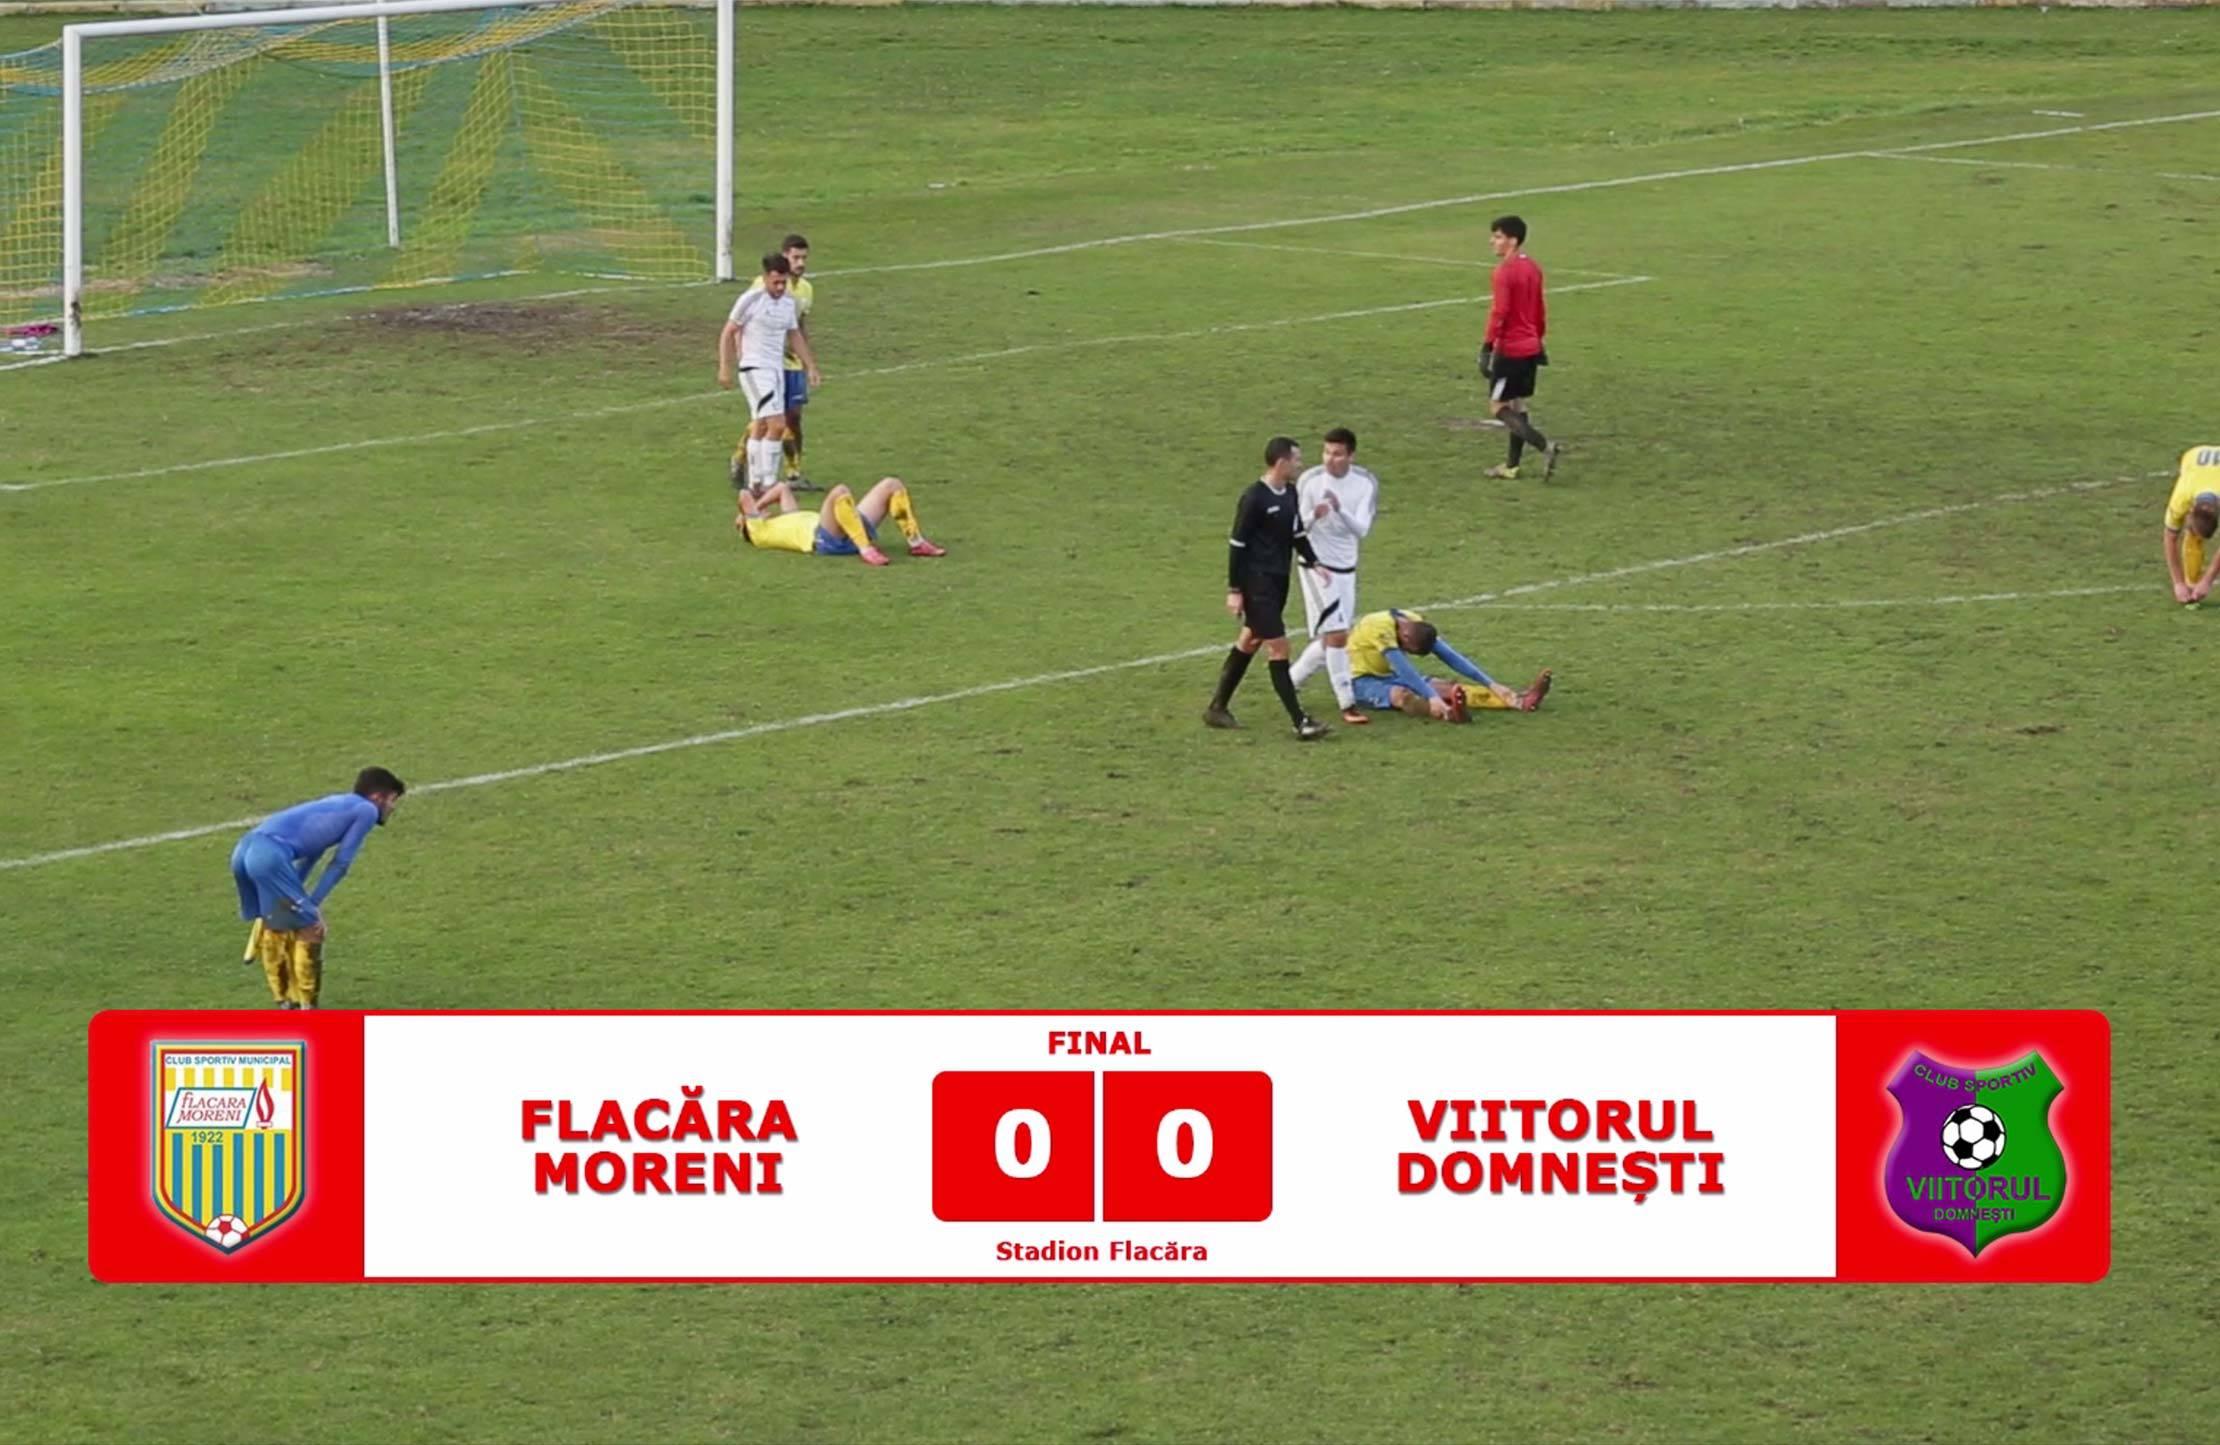 Flacăra Moreni - Viitorul Domnești 0-0